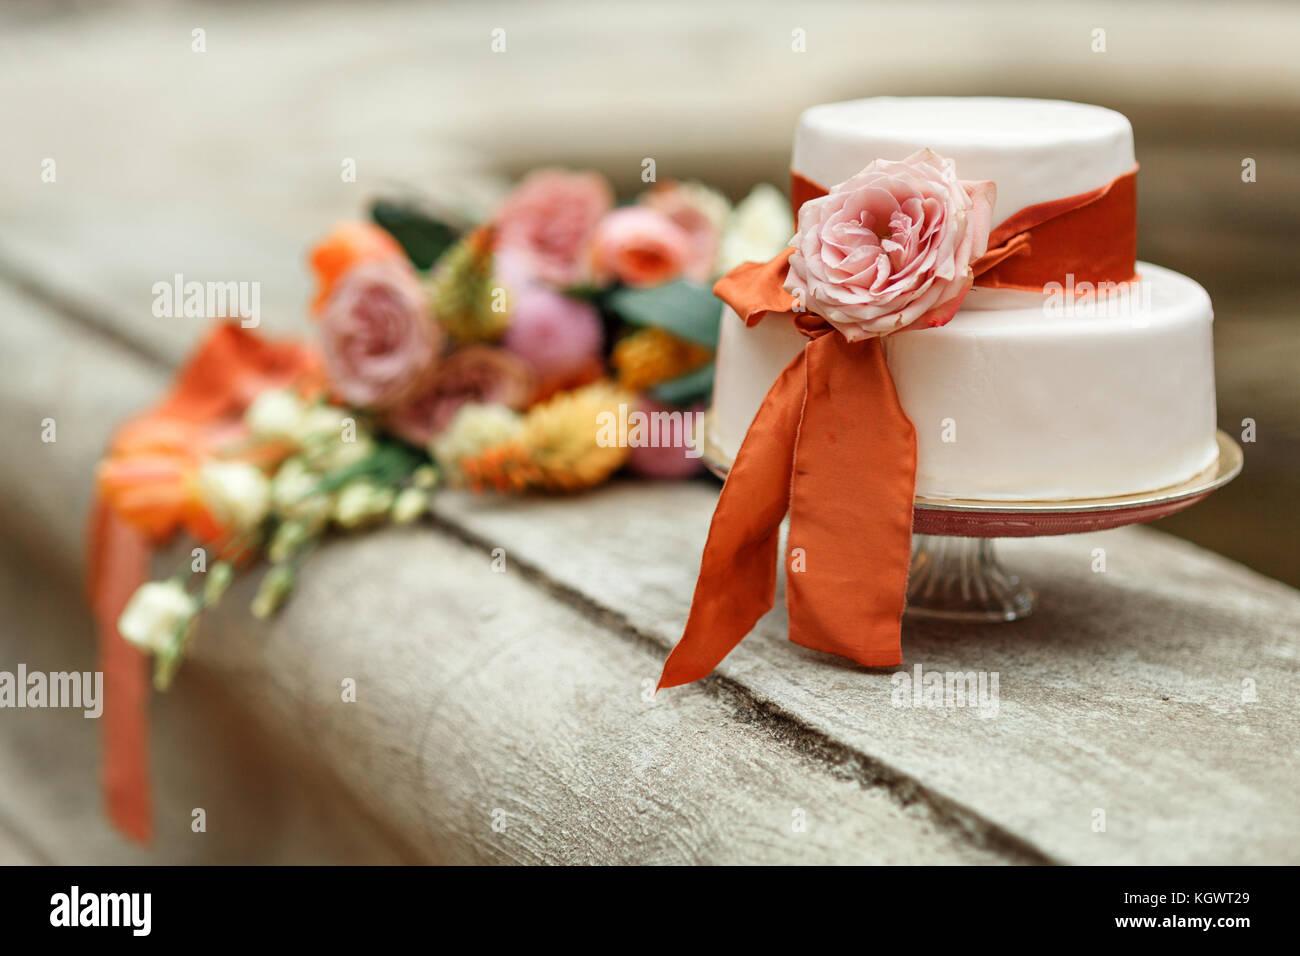 Gâteau de mariage blanc avec fleur rouge Photo Stock